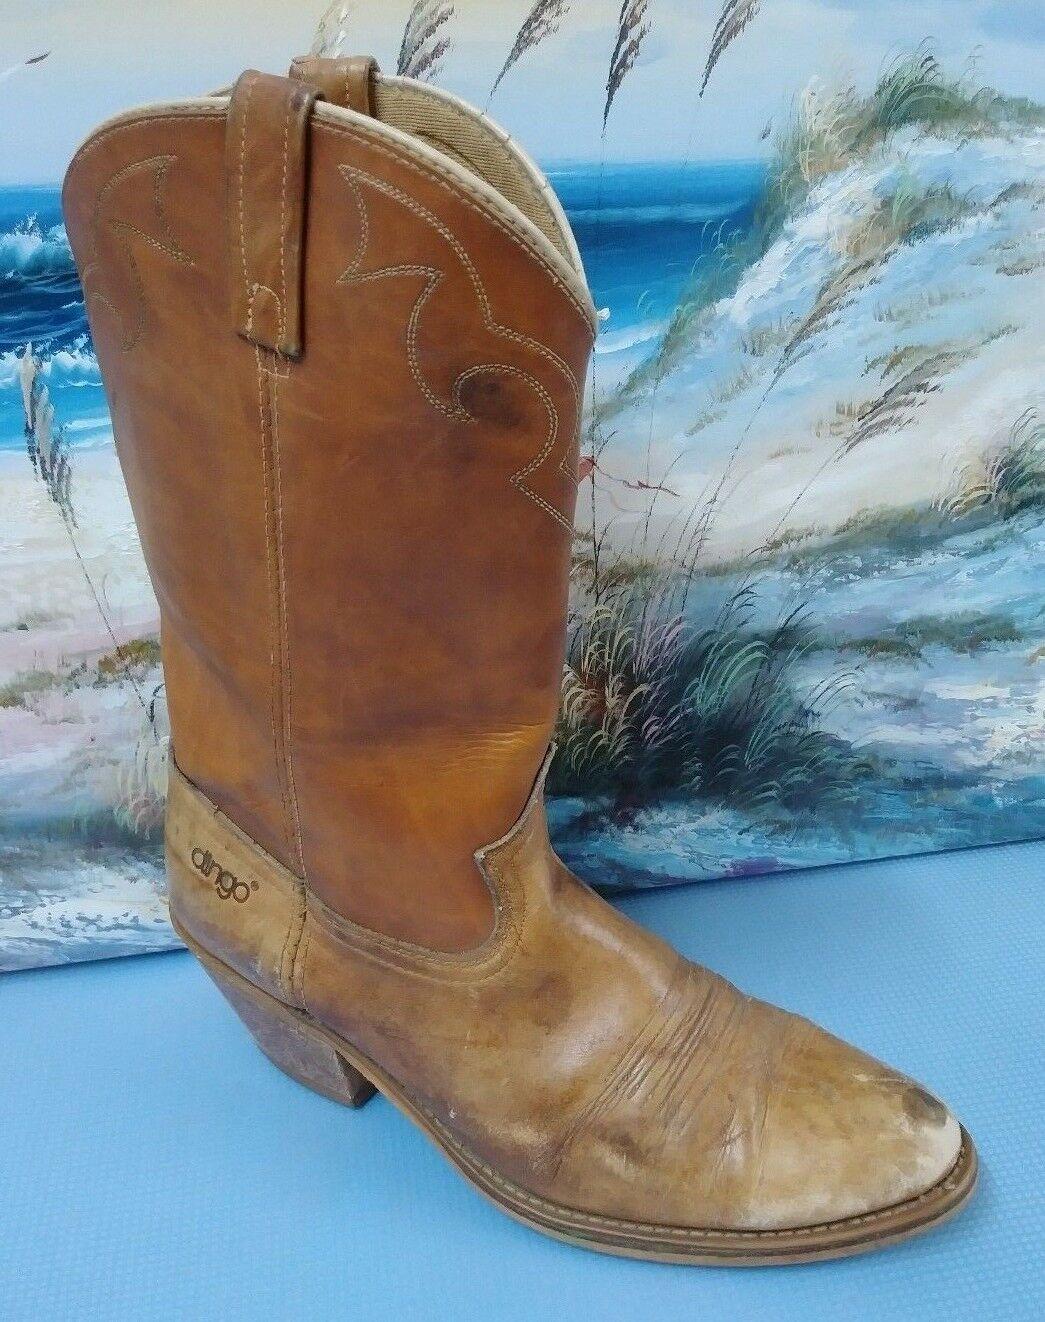 Dingo USA Men's Cowboy Boots Style 5907 Sz 10.5D